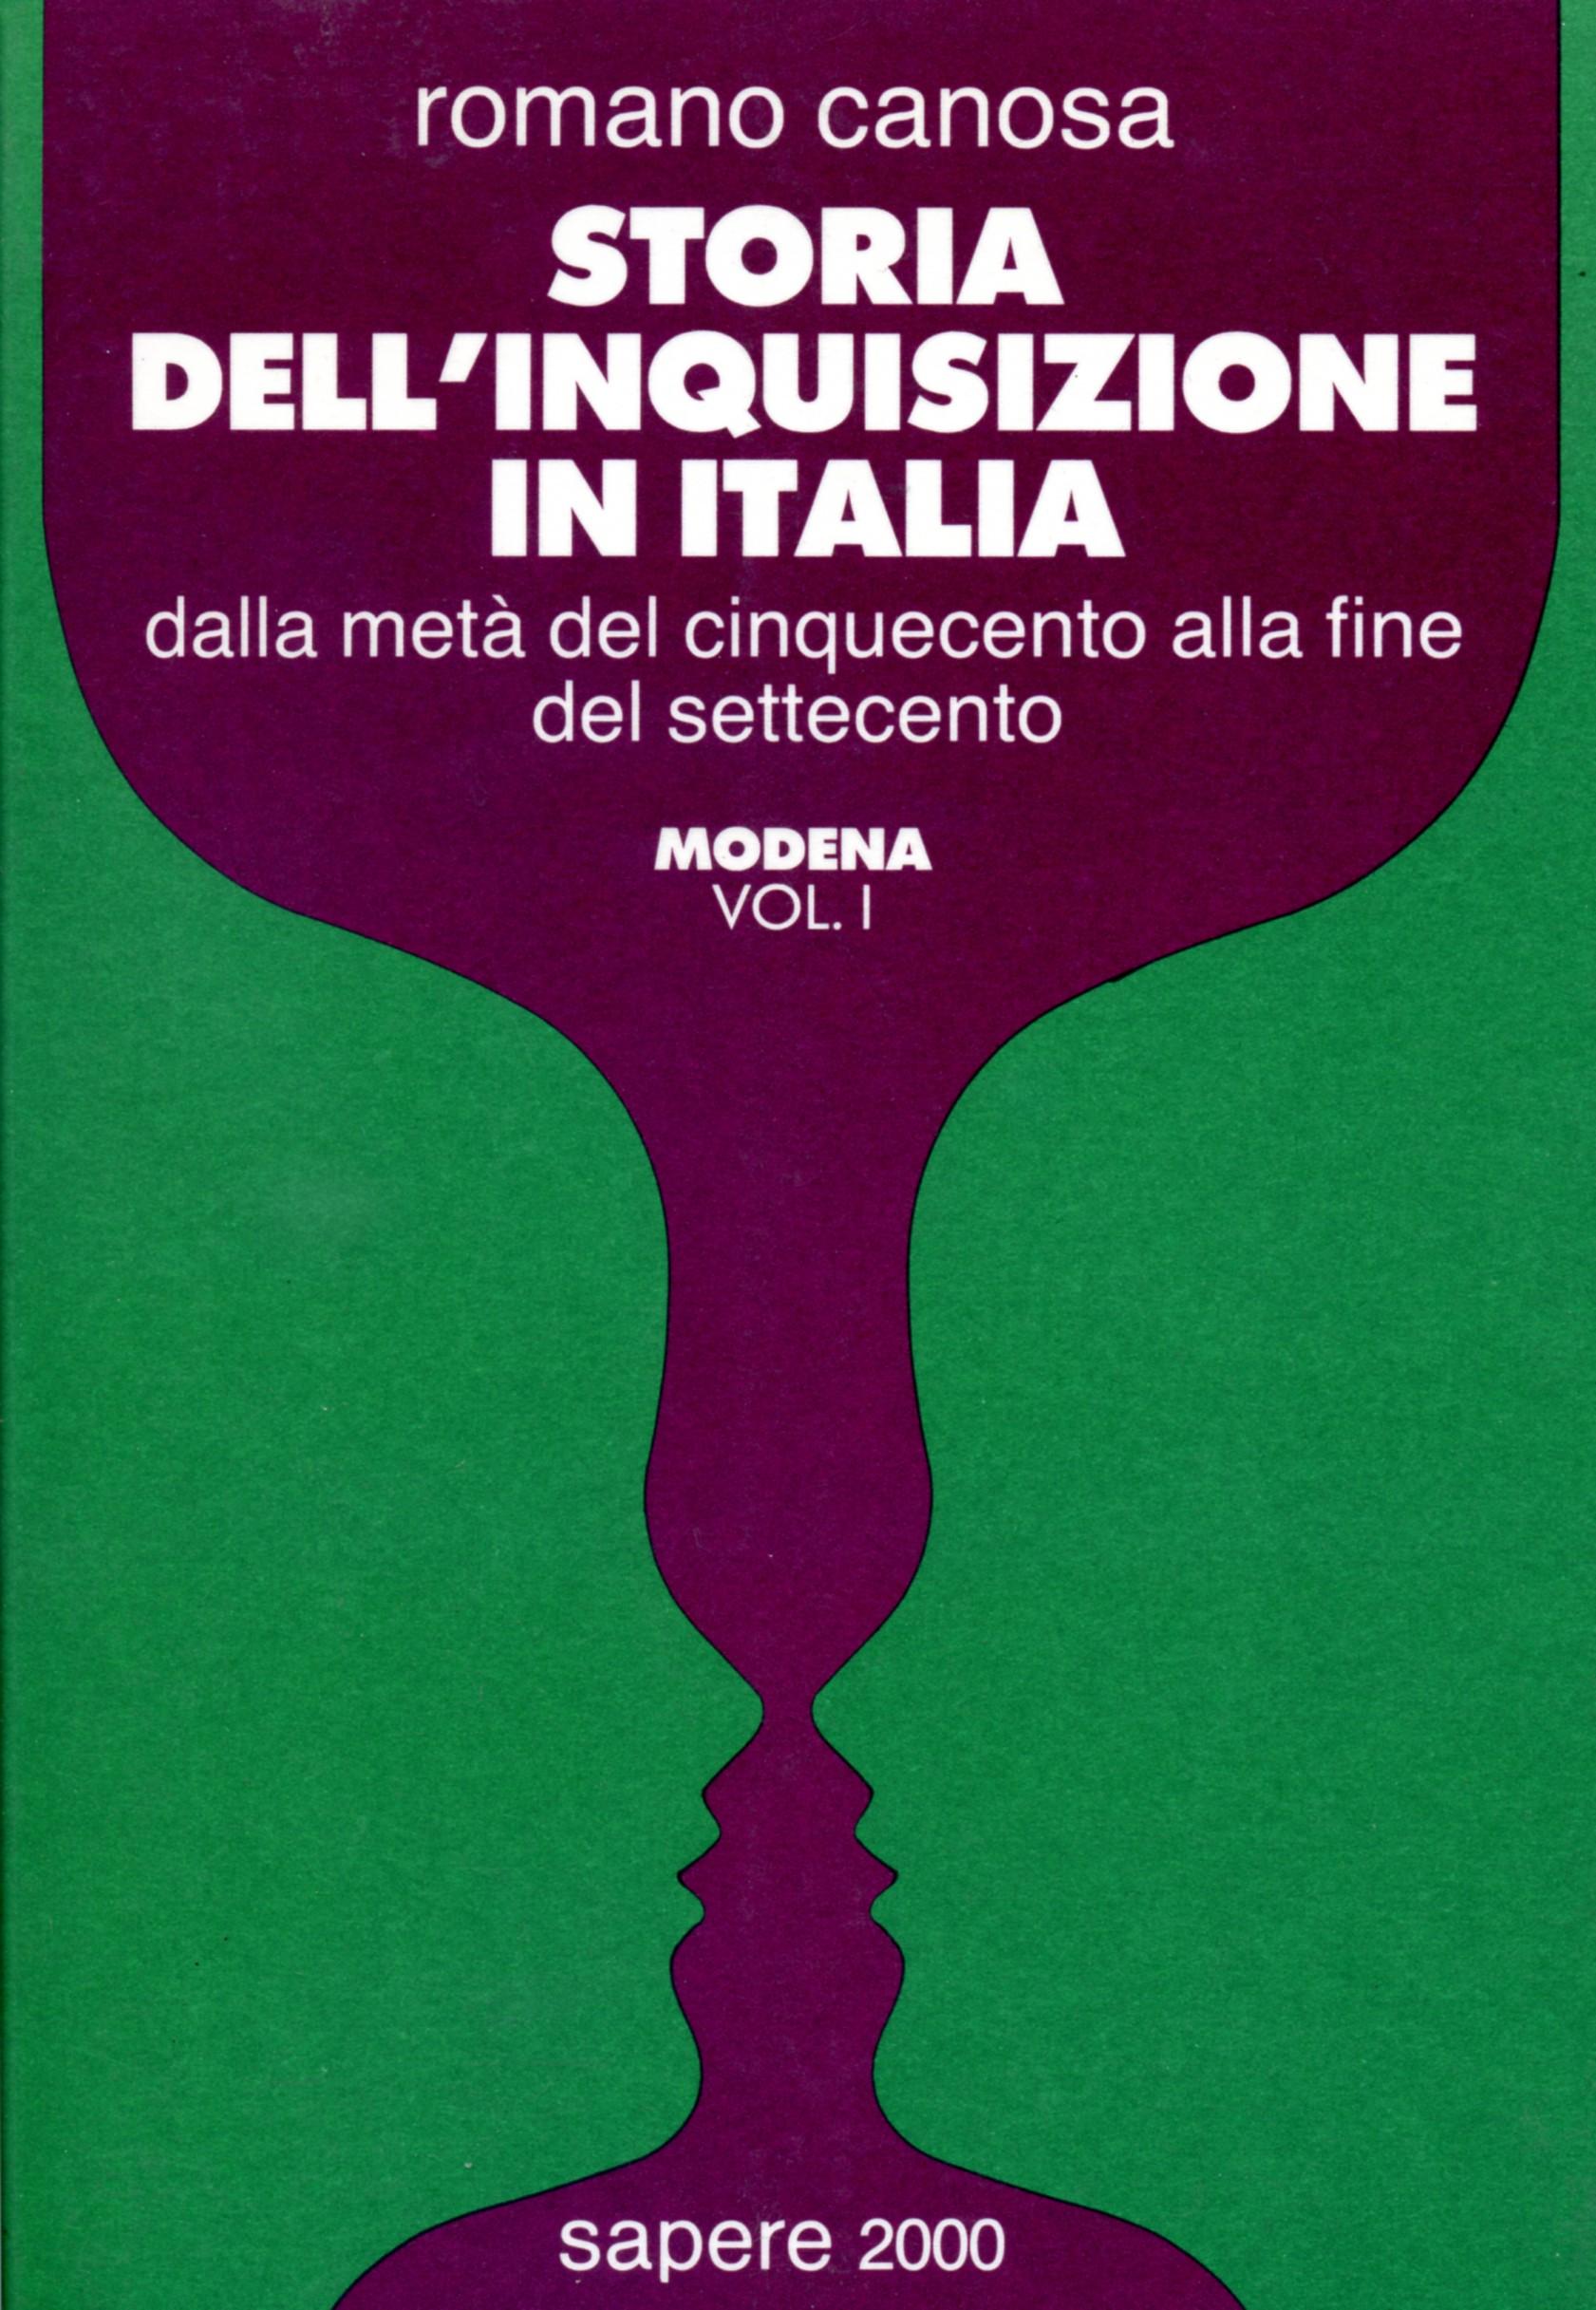 Storia dell'inquisizione in Italia. Dalla metà del Cinquecento alla fine del Settecento vol. 1